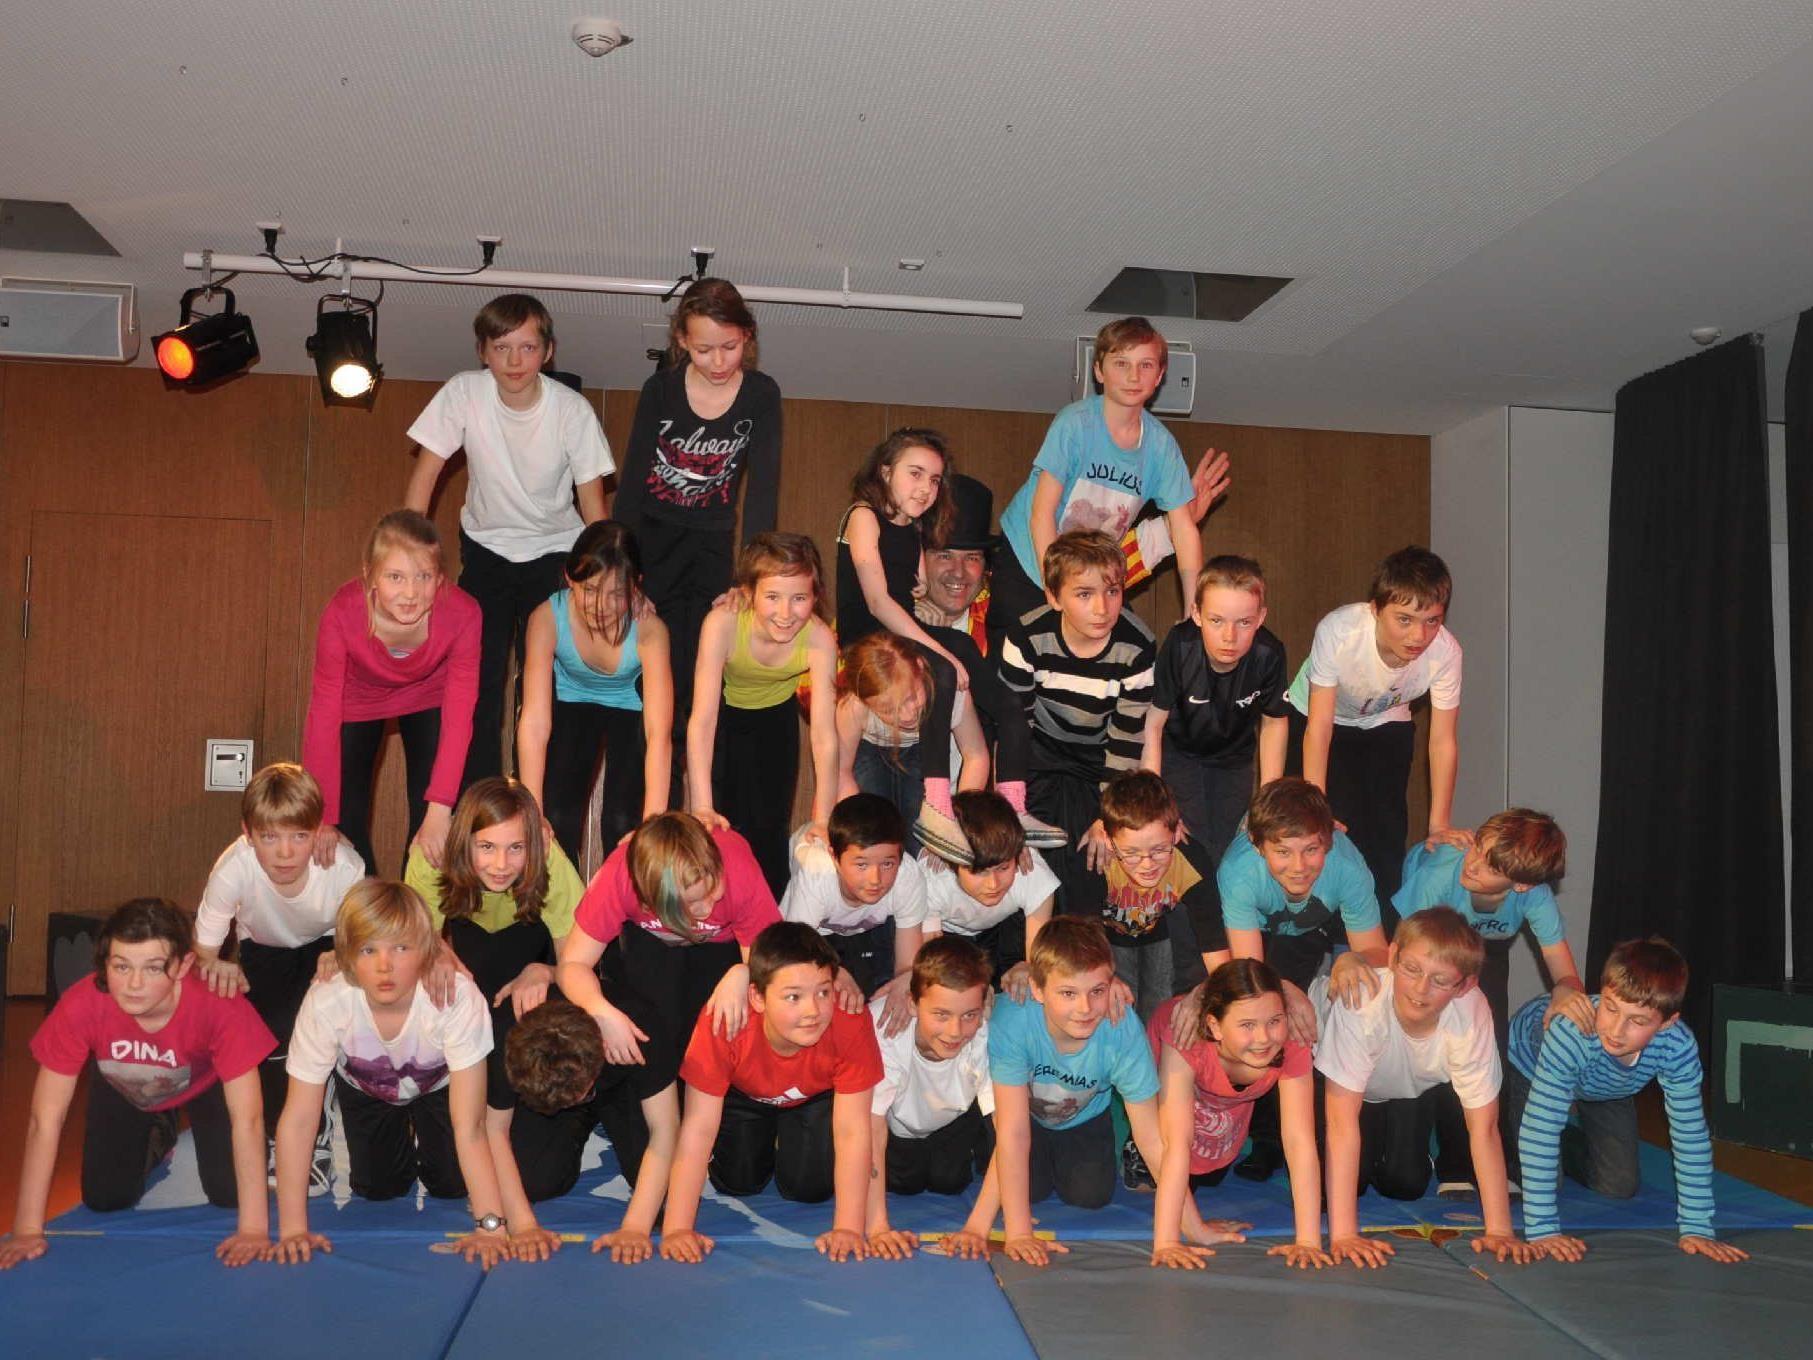 Die artistische Menschenpyramide der Alberschwender Mittelschüler